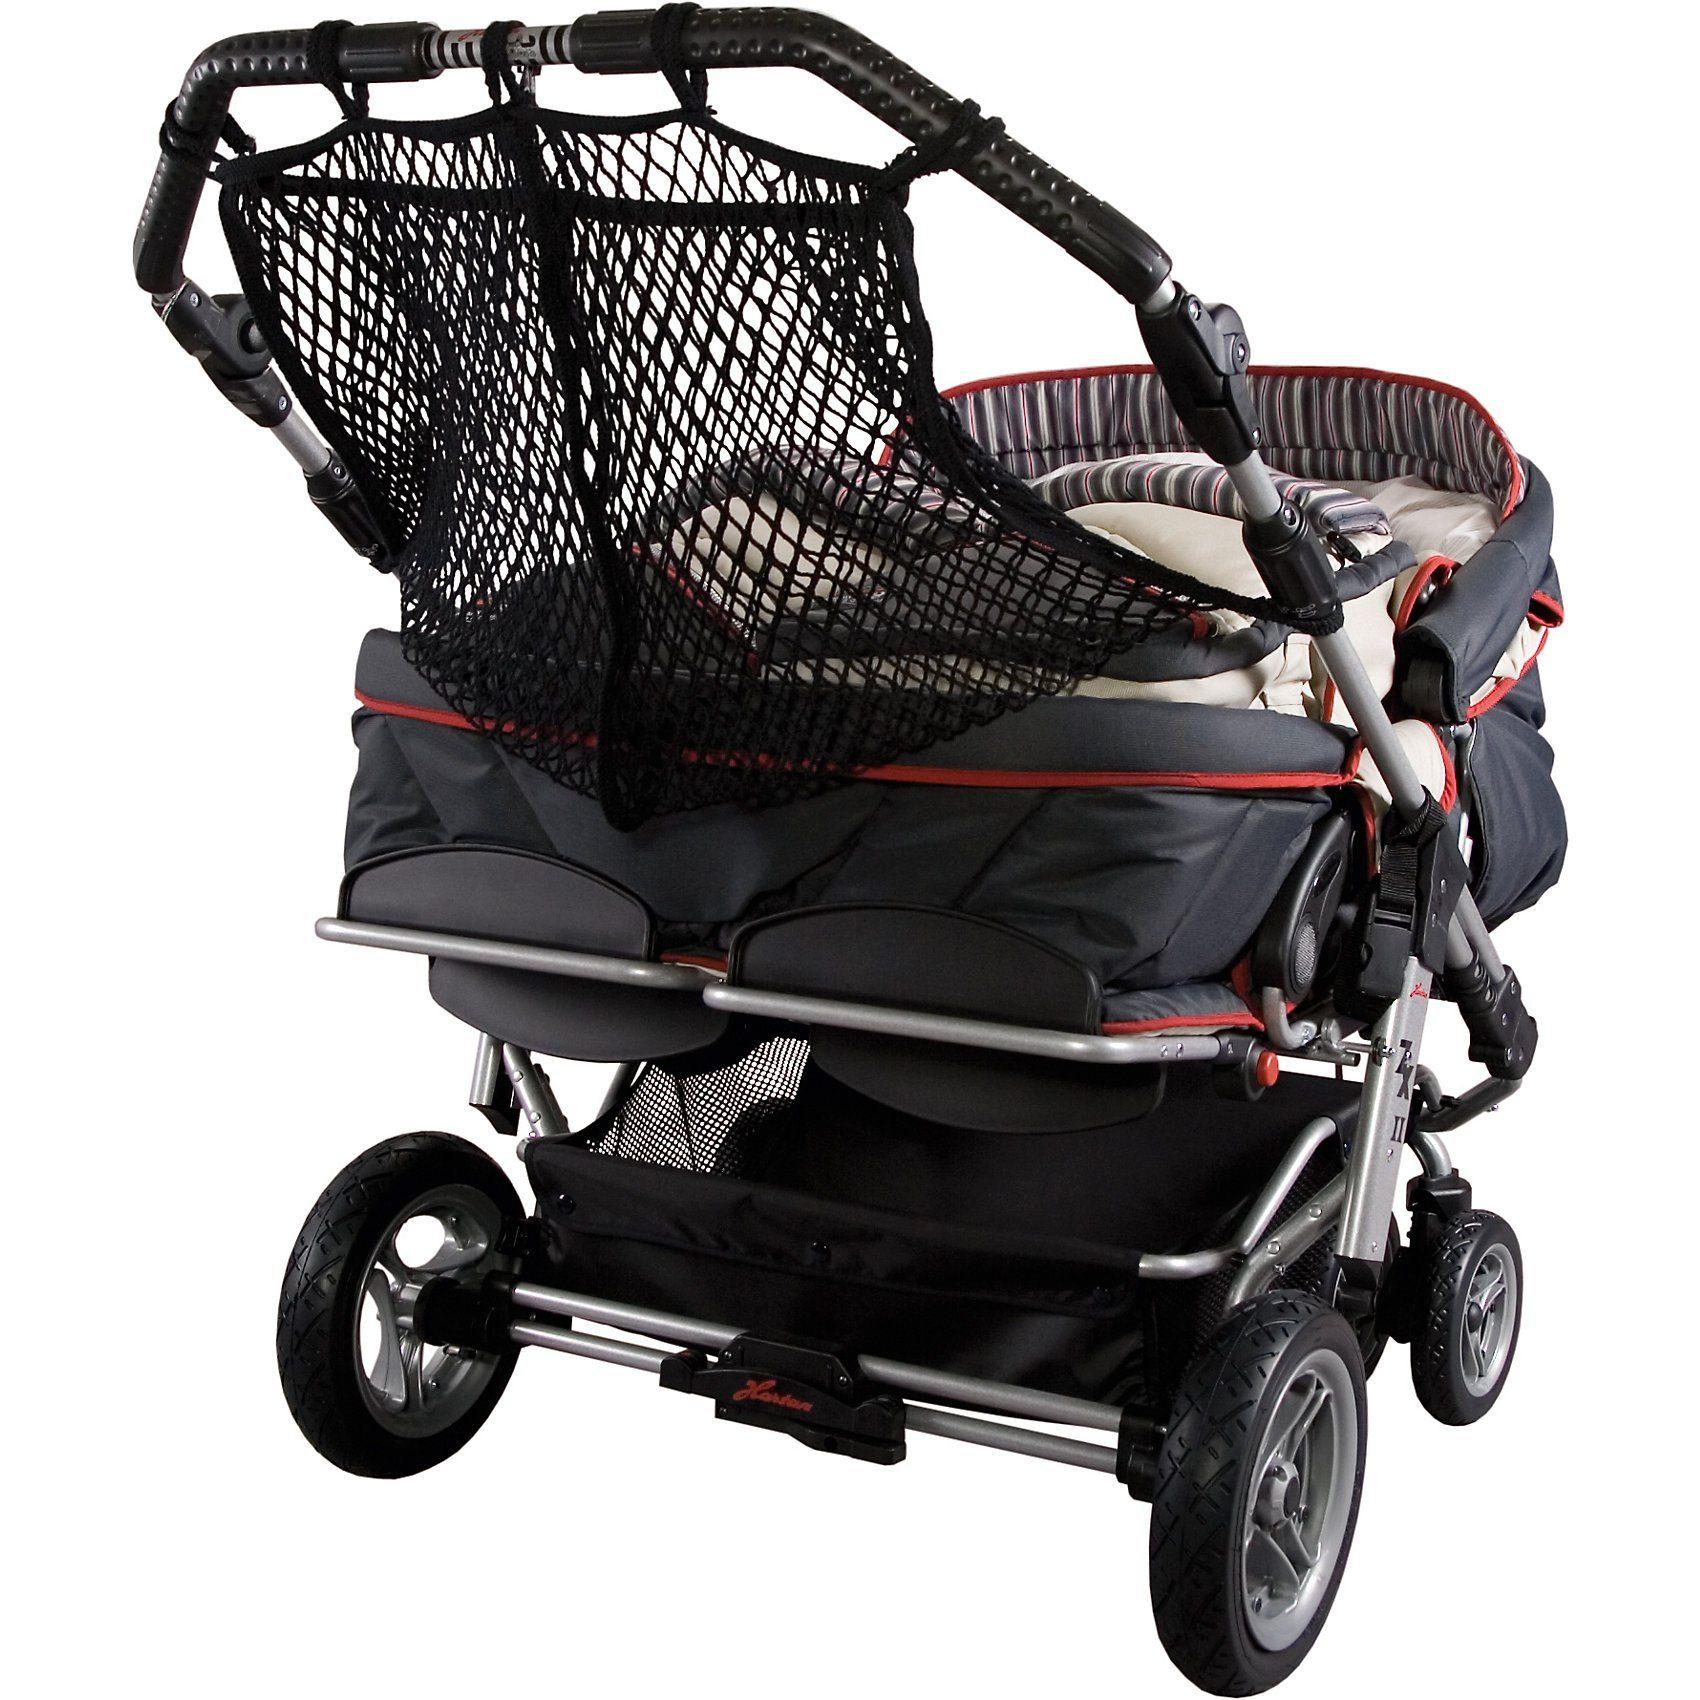 sunnybaby Universalnetz für Zwillingswagen, schwarz